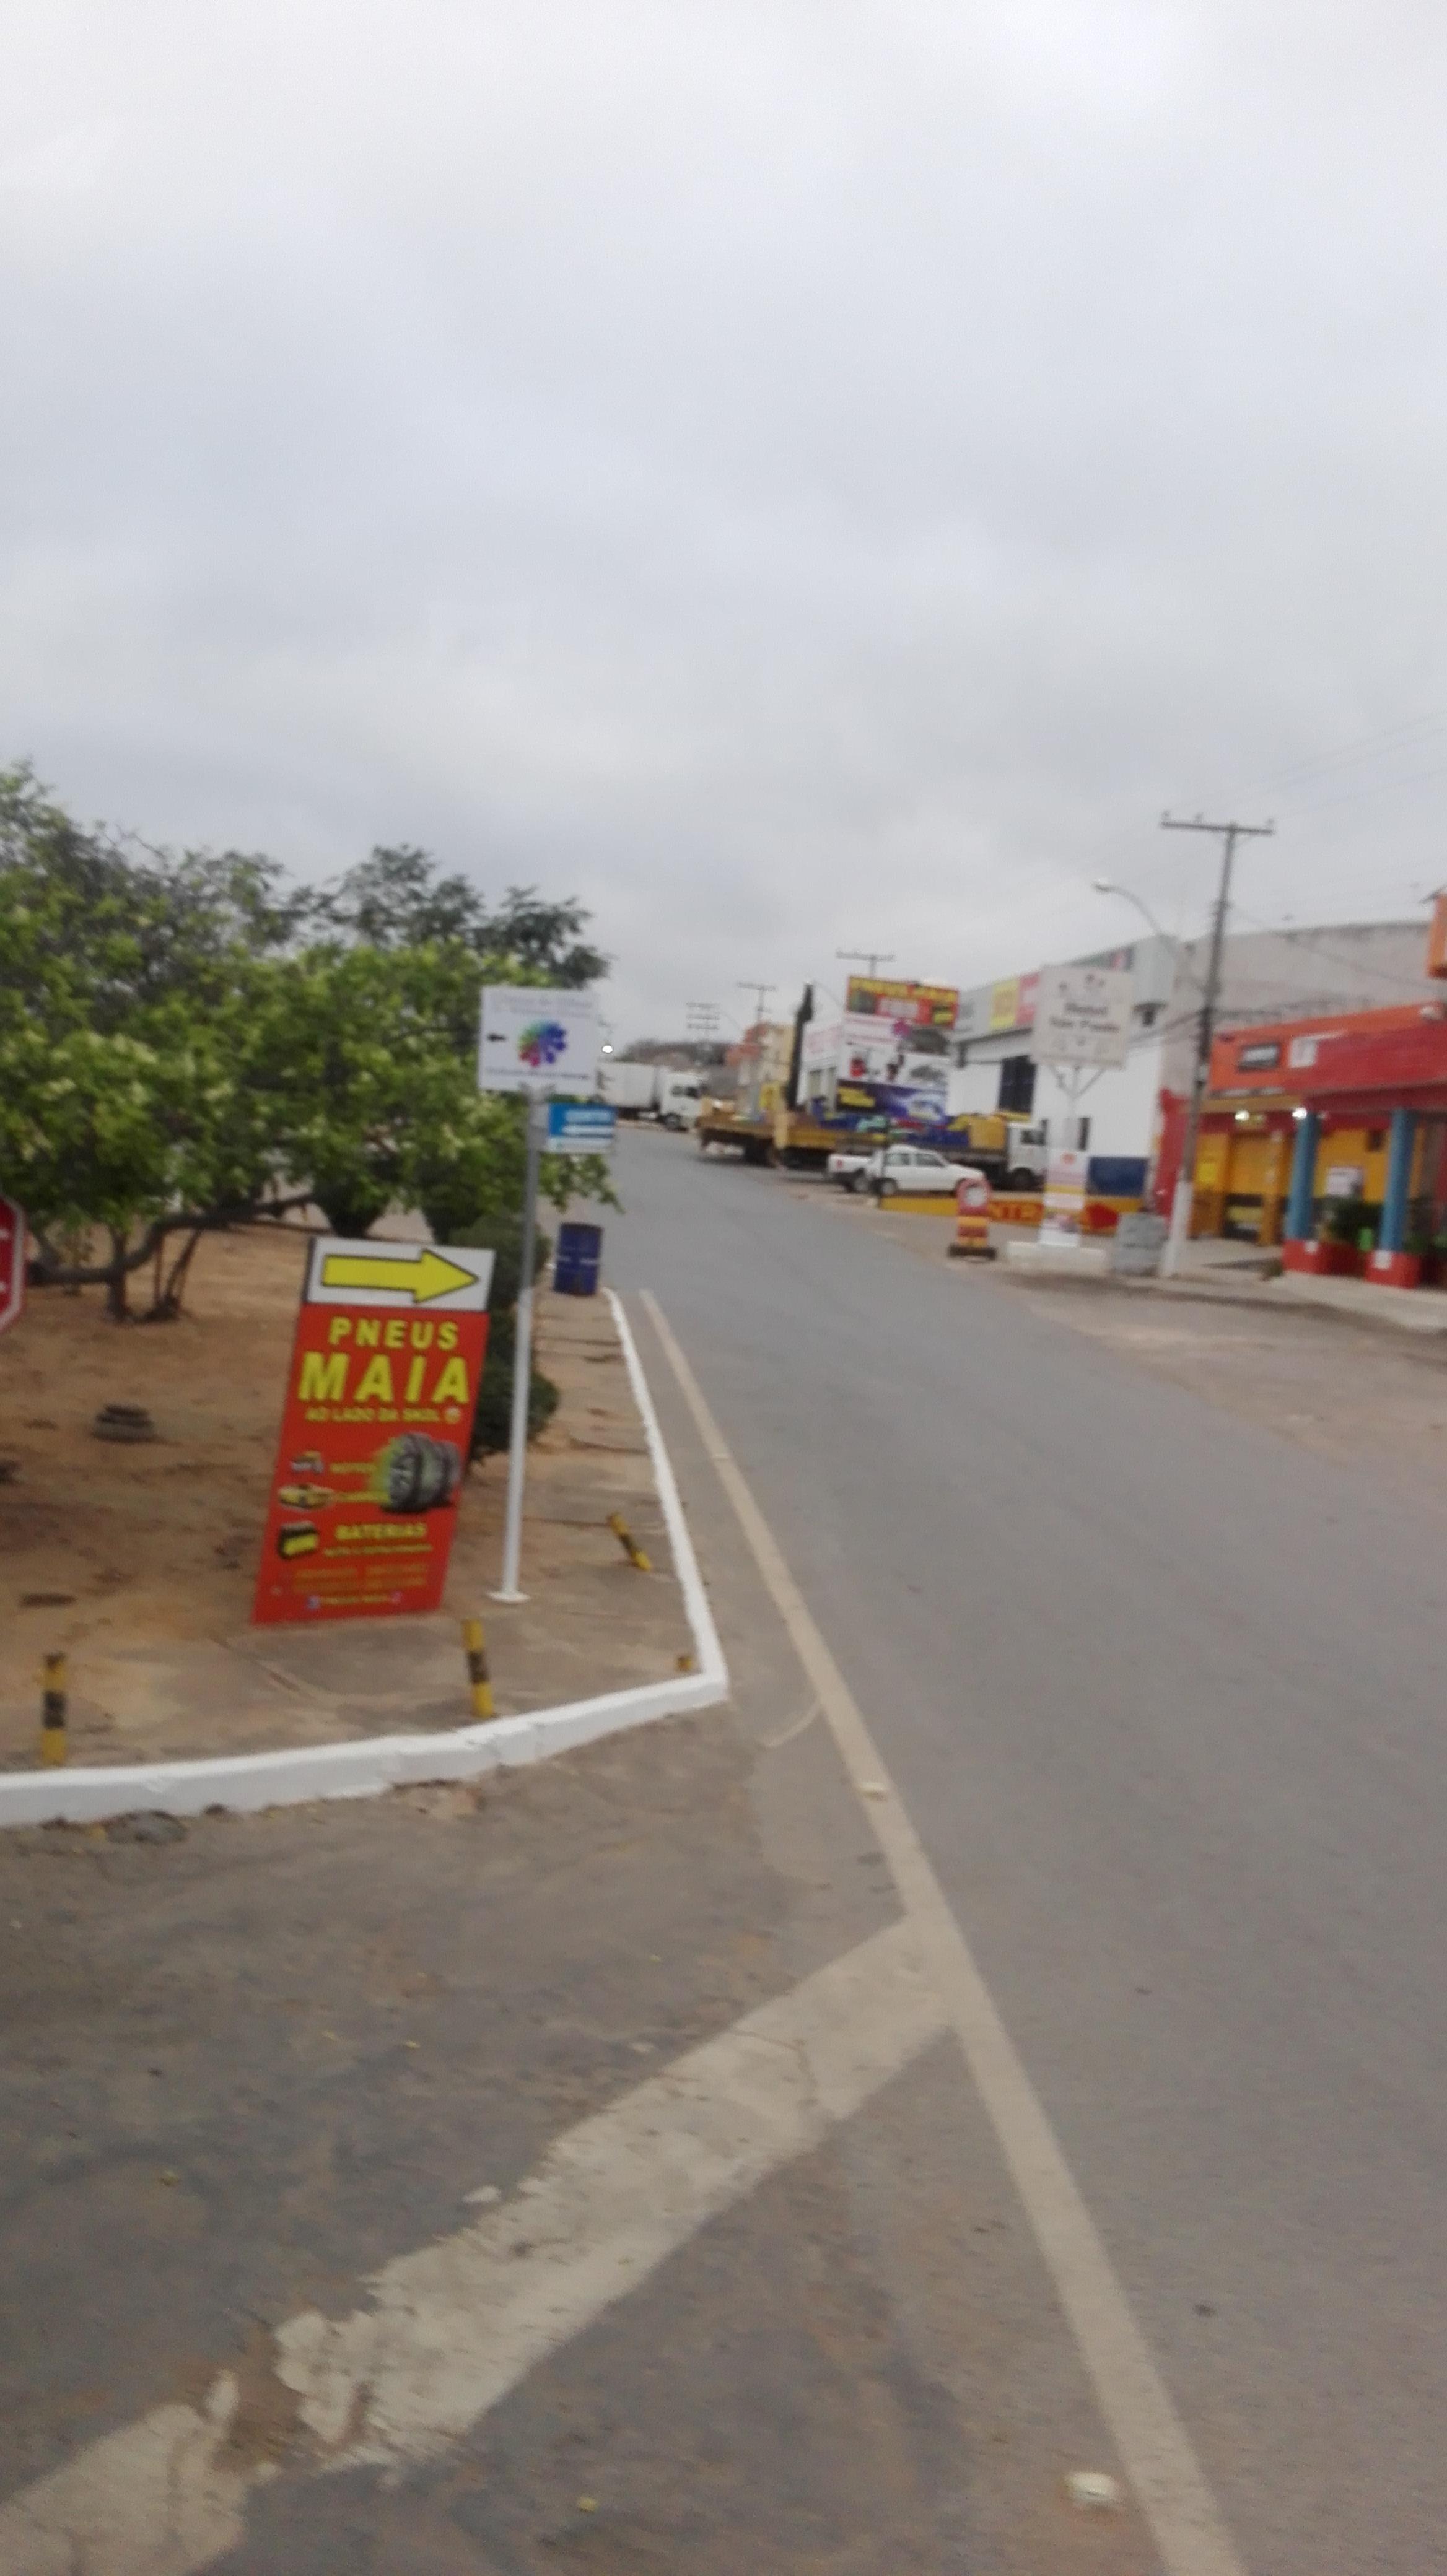 de-eerste-indrukken-op-deze-weg-richting-Ibitiara-31